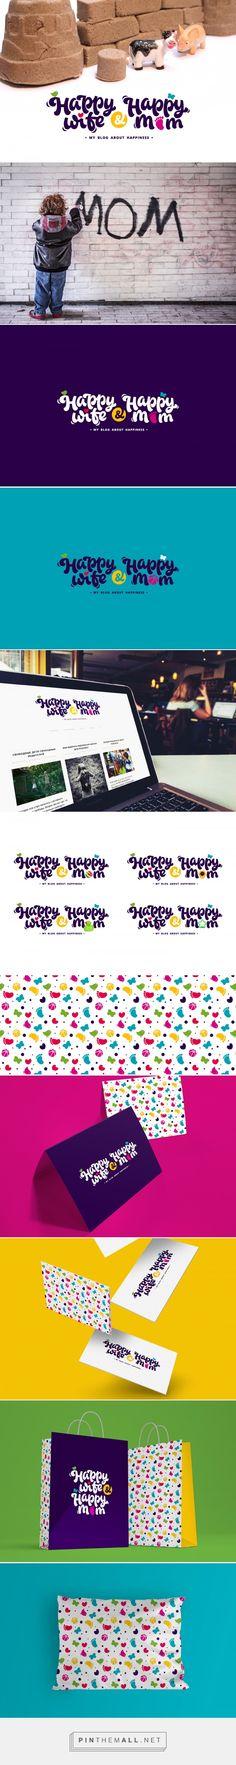 Happy Wife & Happy Mom — Brand Identity, Lettering on https://www.behance.net/gallery/32628615/Happy-Wife-Happy-Mom-Brand-Identity-Lettering